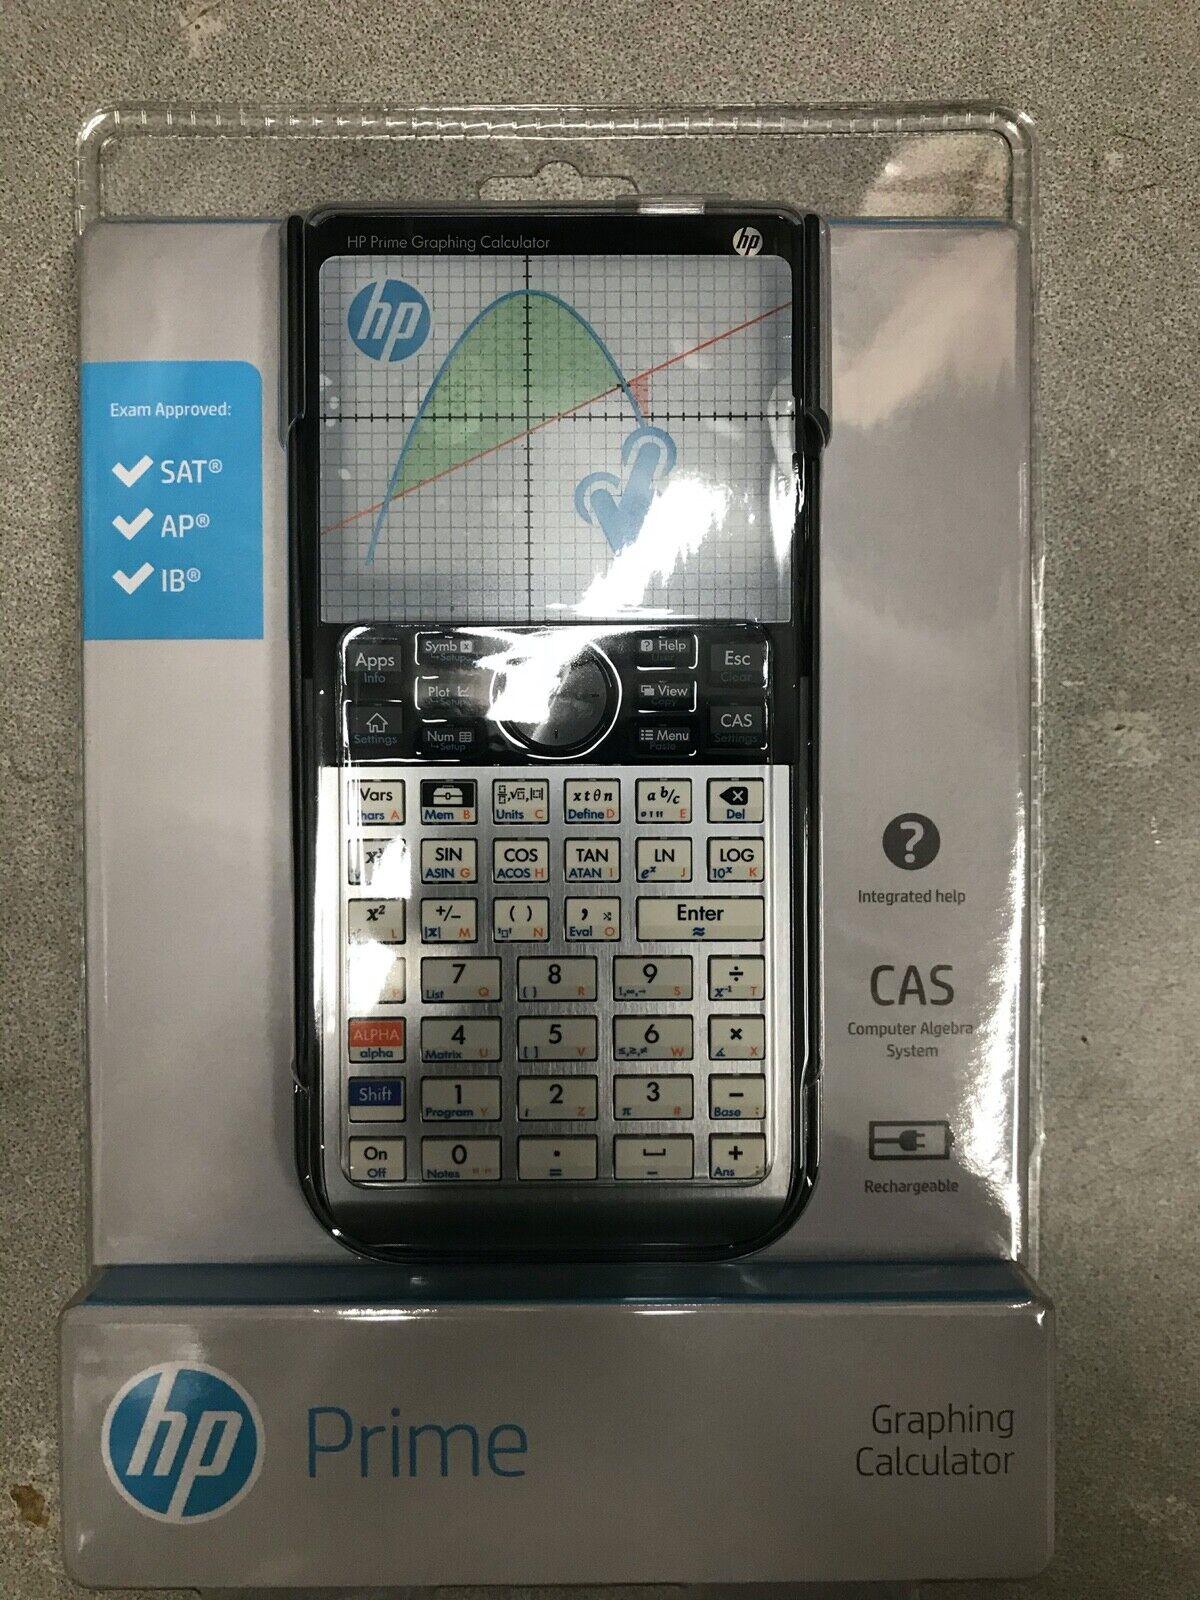 hewlett packard prime g2 calculator 2ap18aa b1k